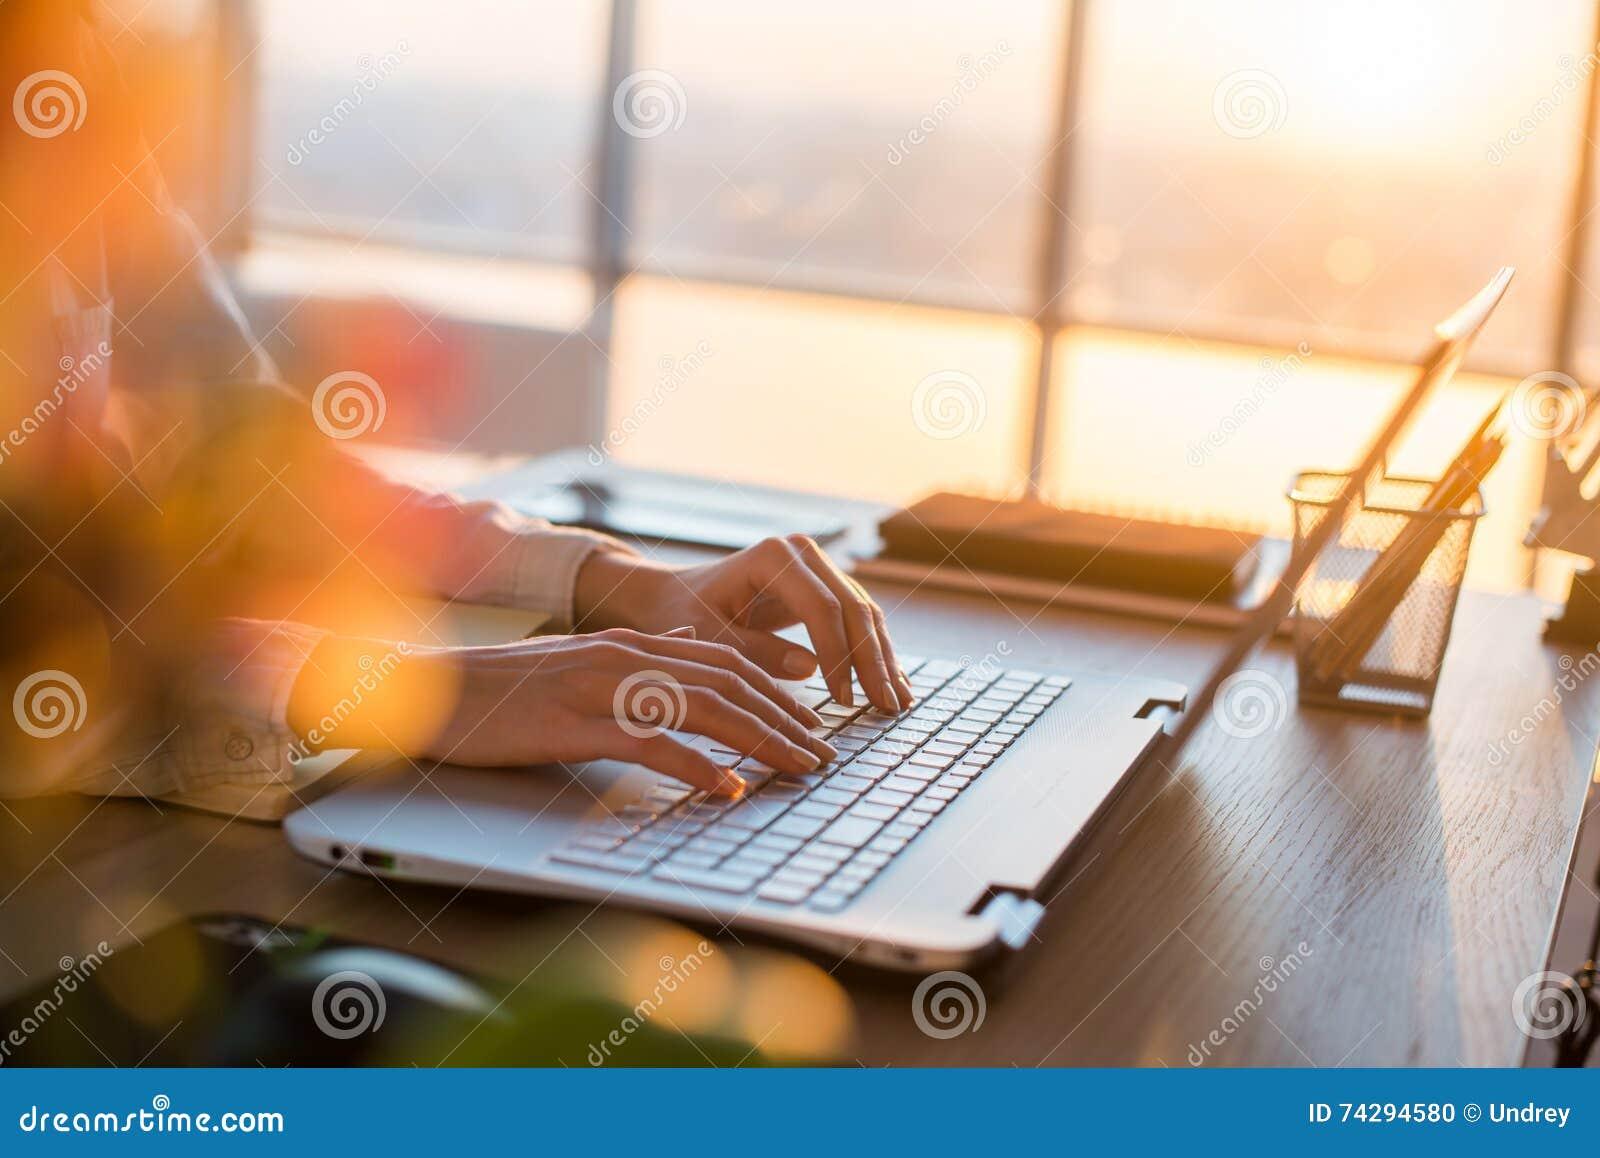 Verdien geld online en van thuis uit